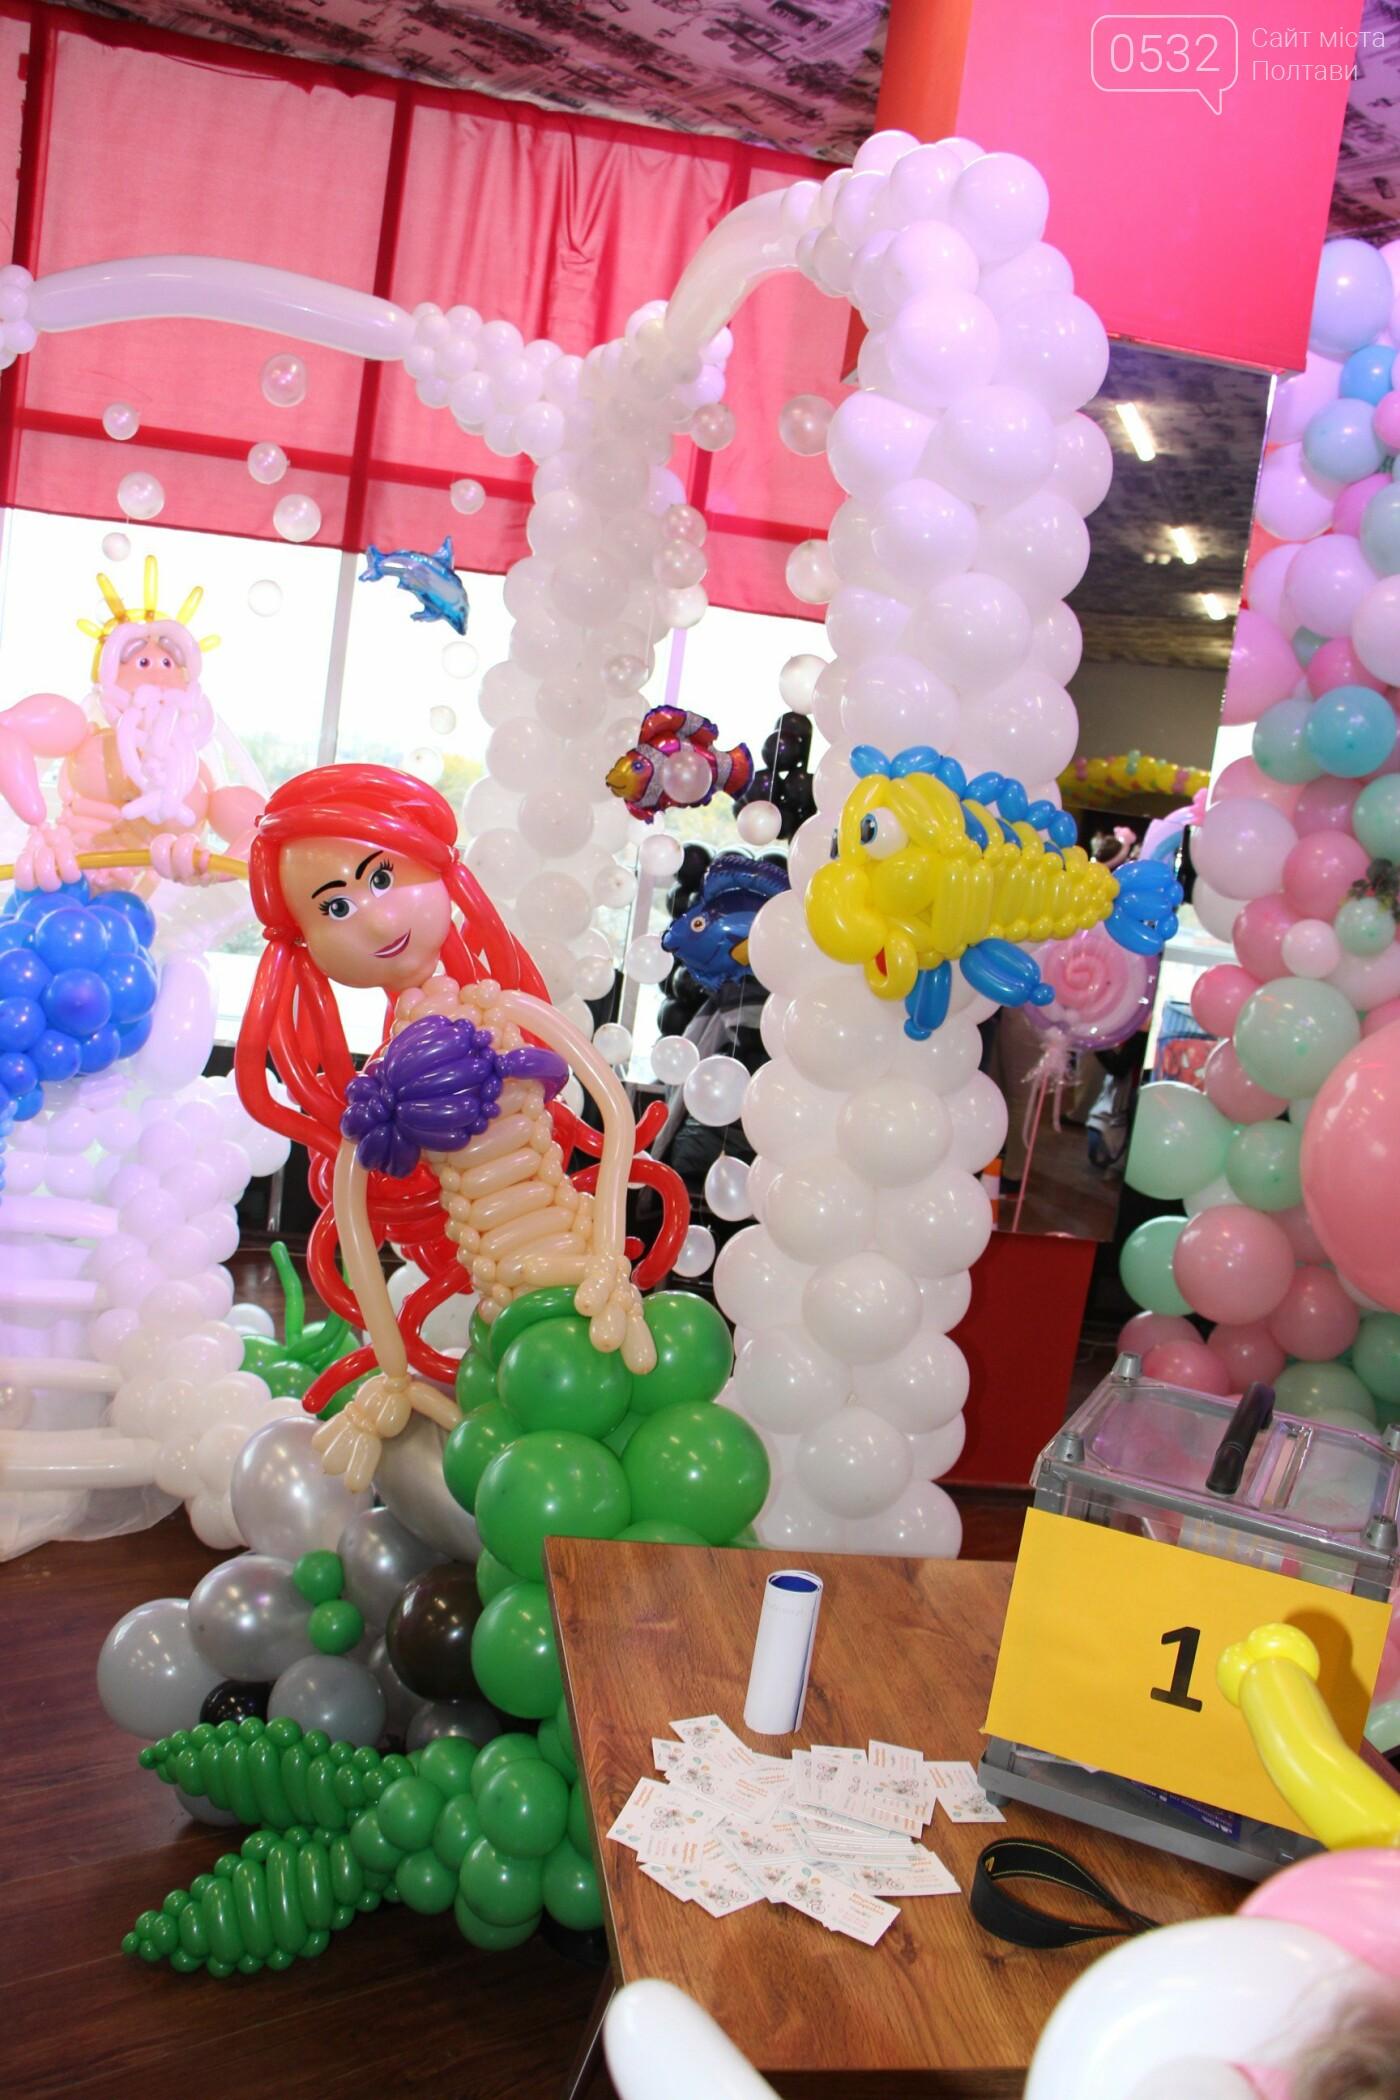 Діти у захваті – у Полтаві вперше організували виставку великих фігур із повітряних кульок (ФОТО)   , фото-5